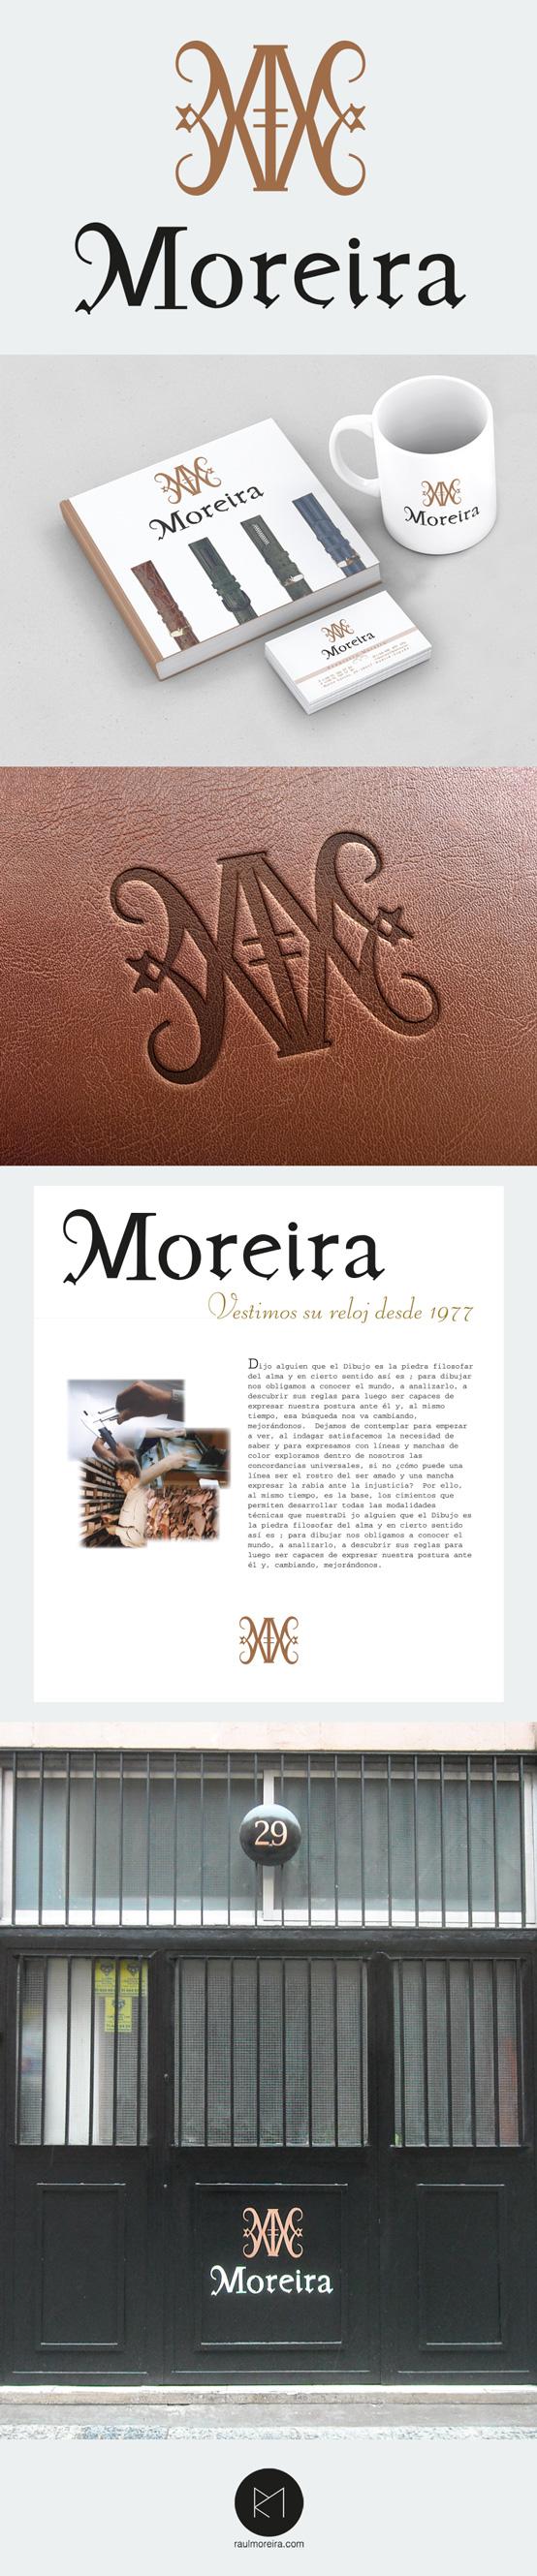 Moreira - Correas de reloj